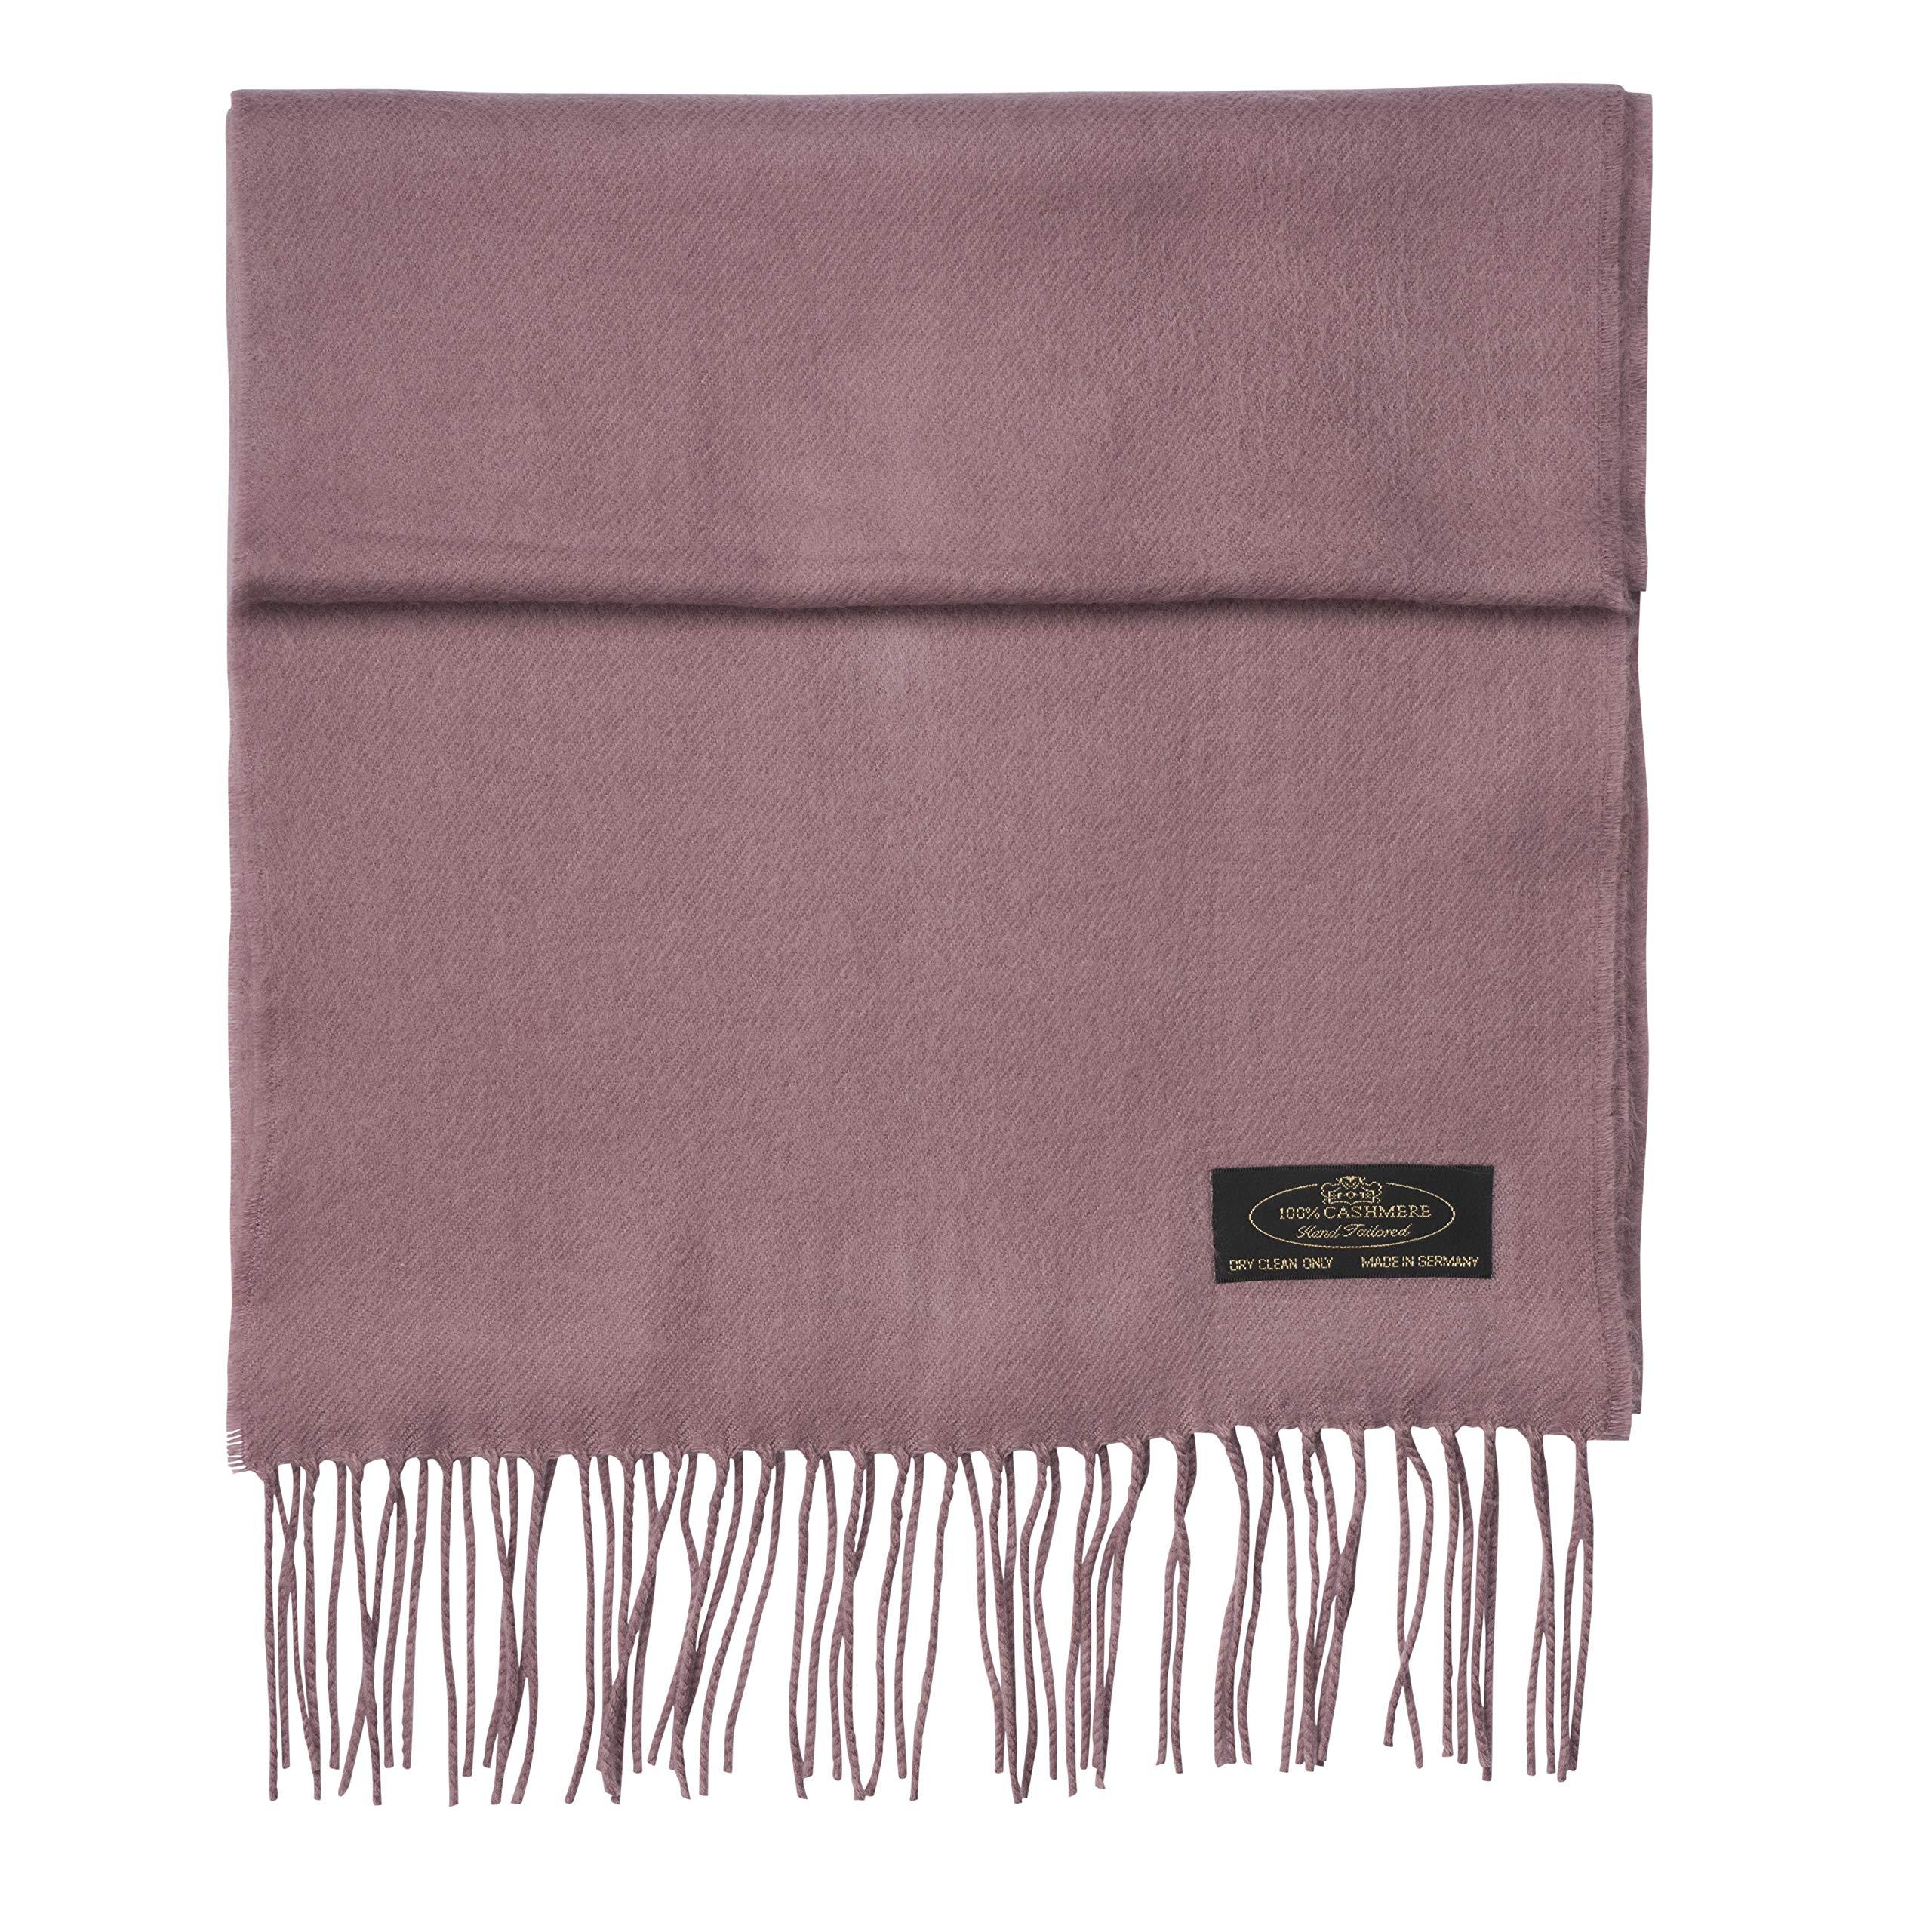 100% Cashmere Scarf Super Soft For Men And Women Warm Cozy Scarves Multiple Colors FHC Enterprize (Mauve) by FHC Enterprize